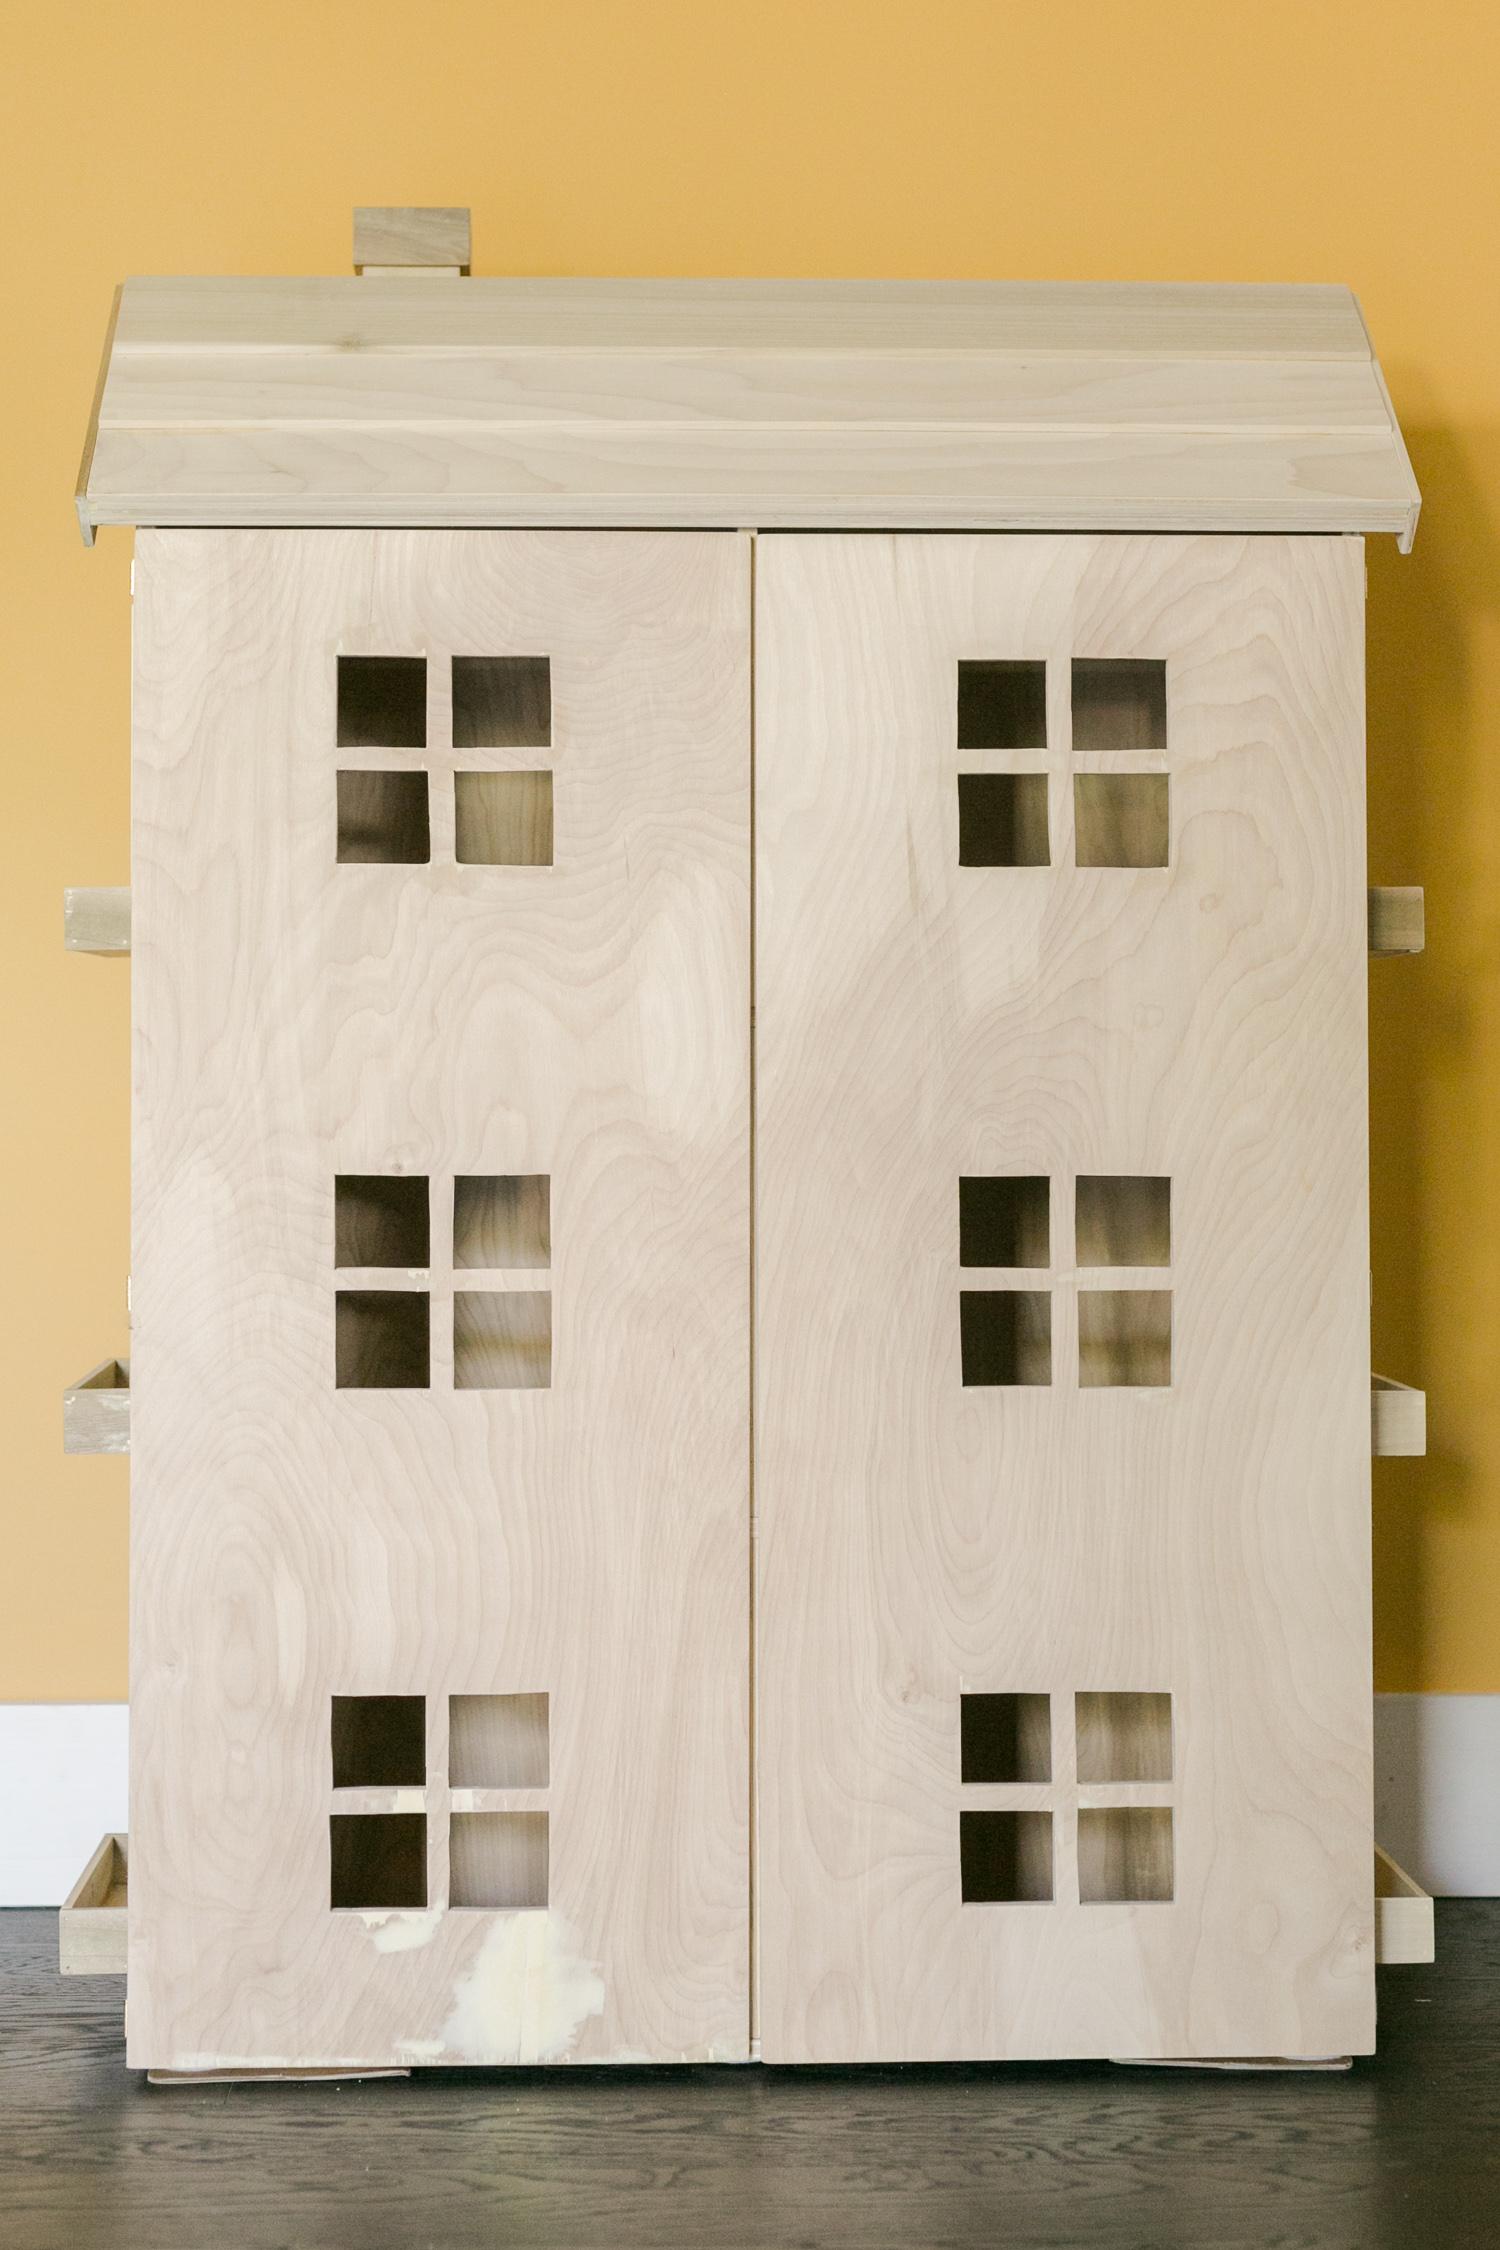 How to Build a DIY Dollhouse